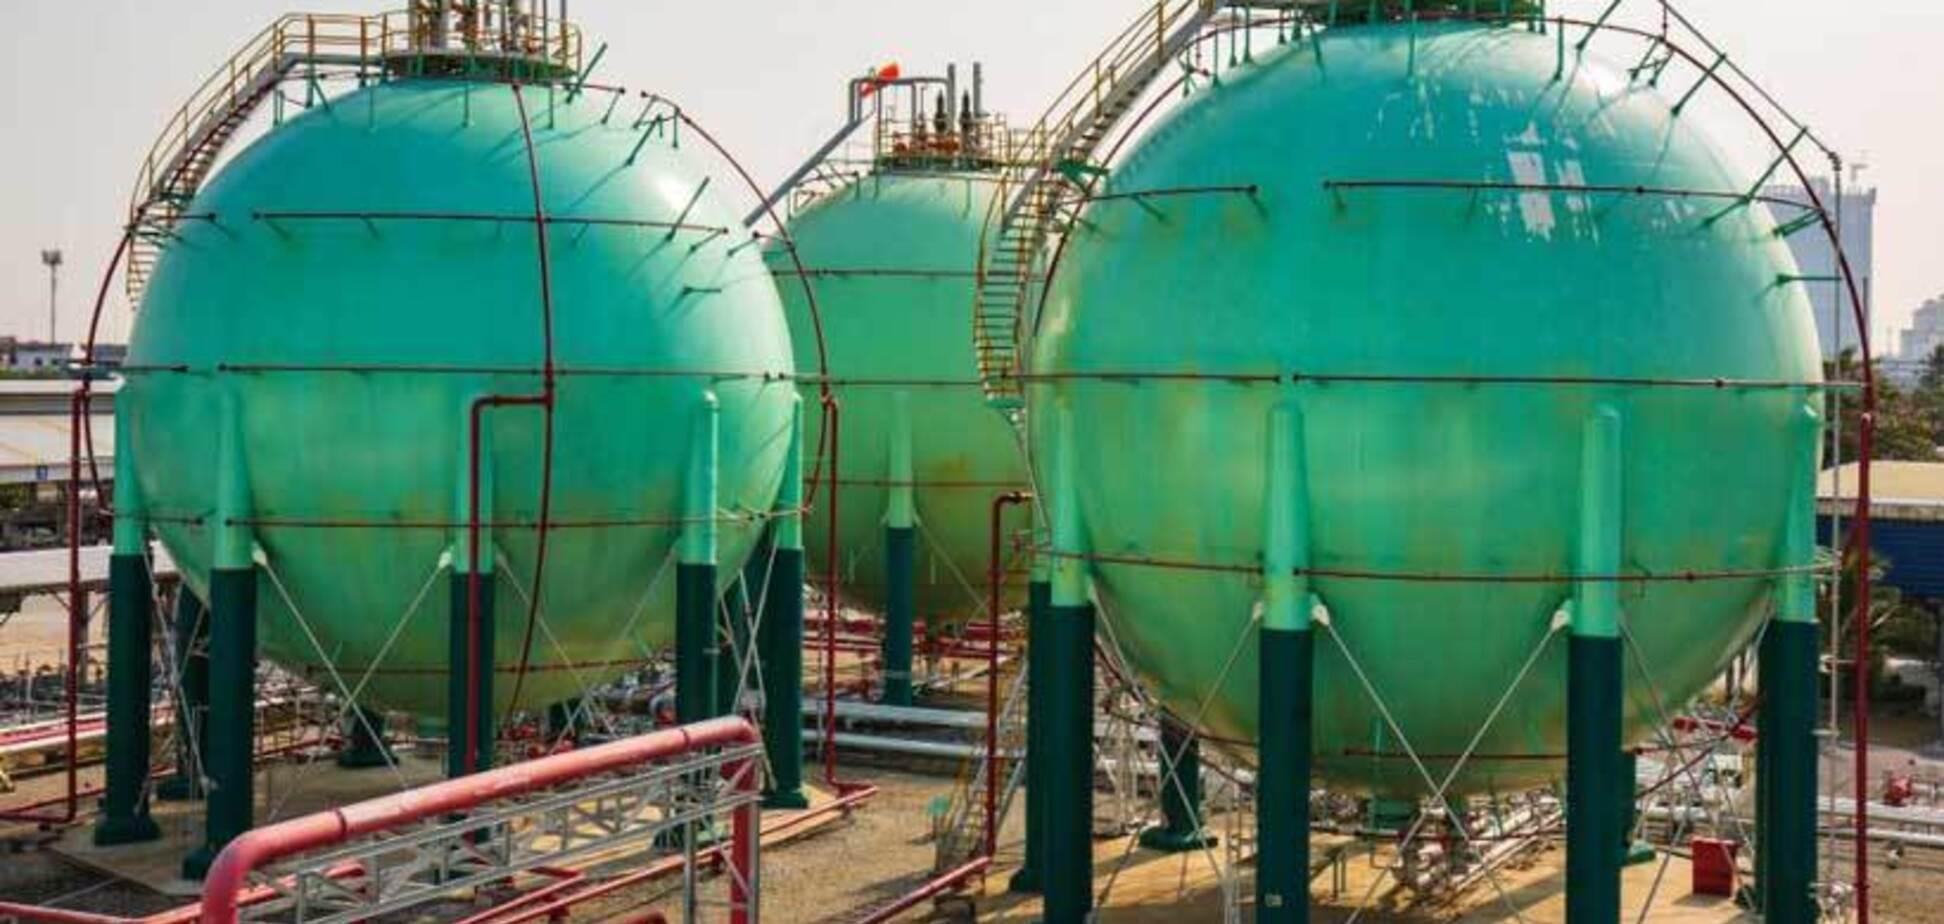 На 50% менше російського газу: Україні показали спосіб перемоги над ресурсною залежністю